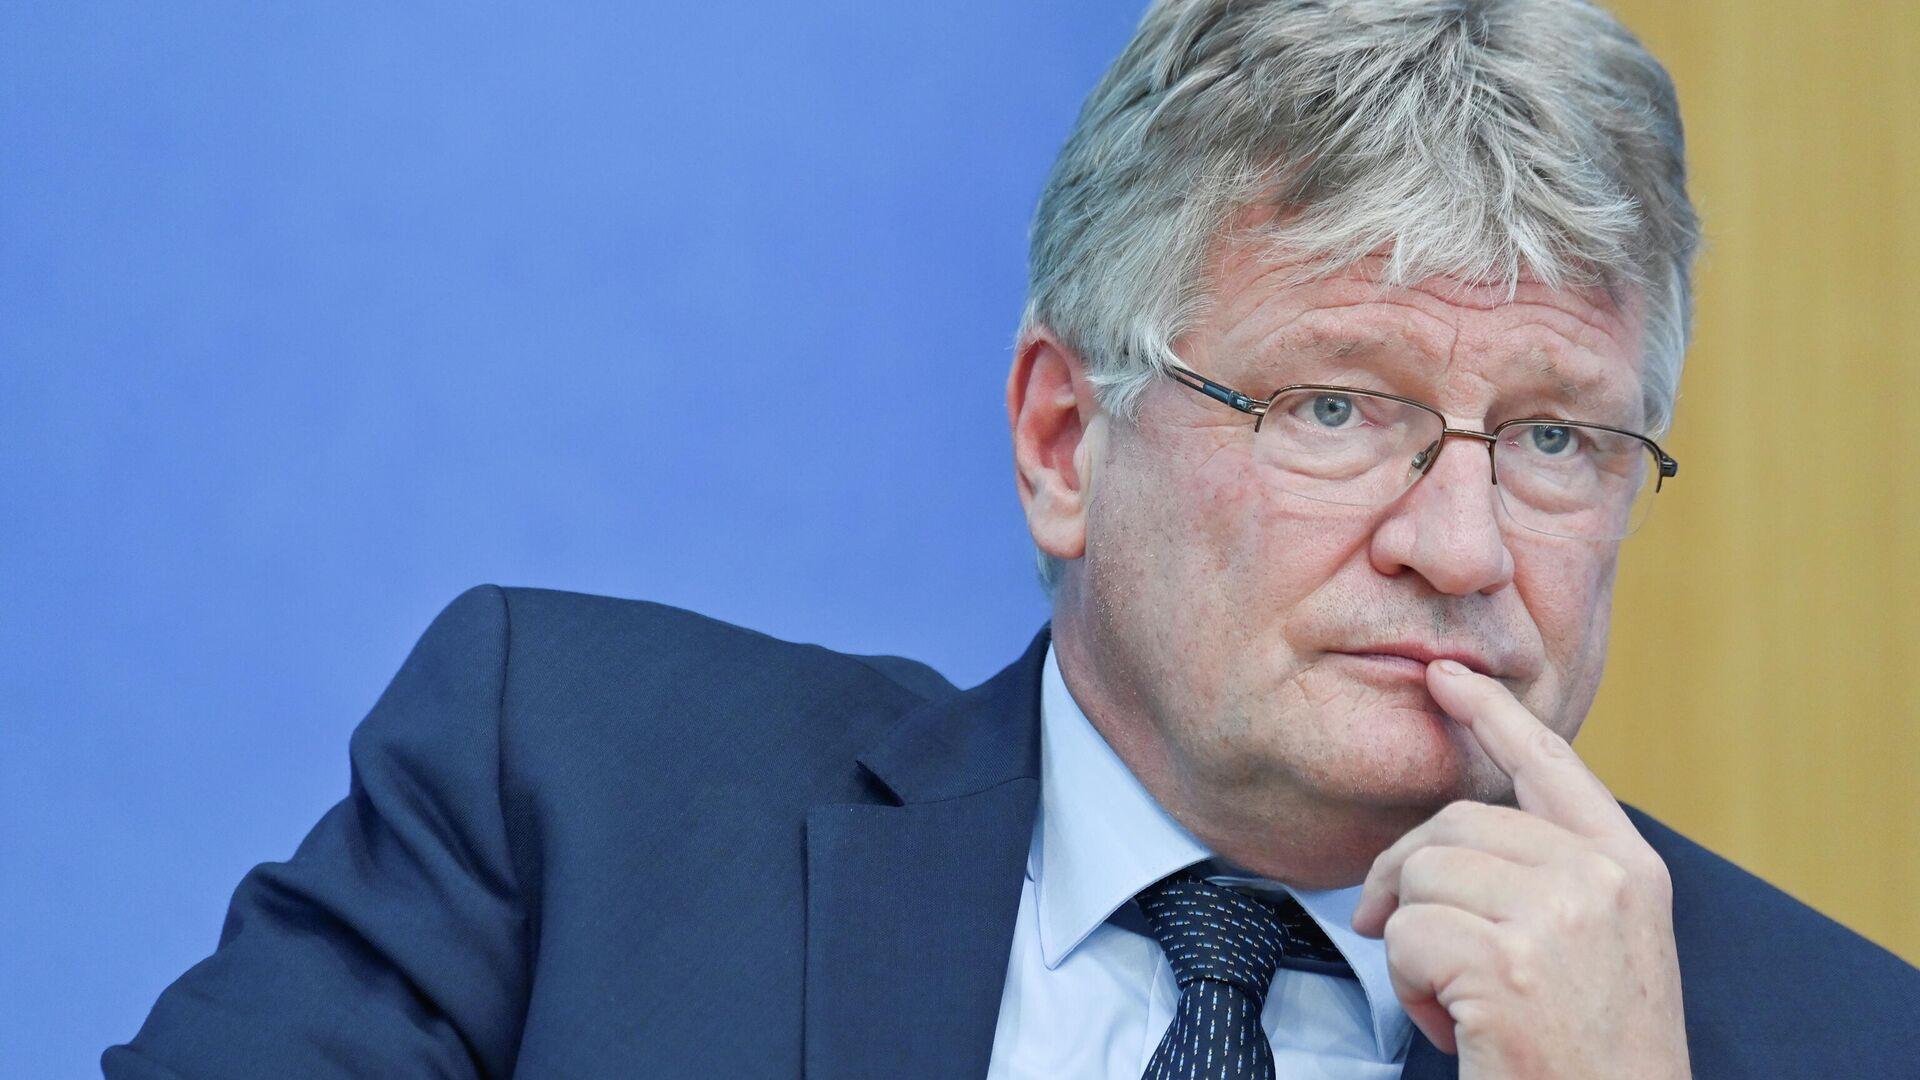 AfD-Politiker Jörg Meuthen - SNA, 1920, 12.10.2021